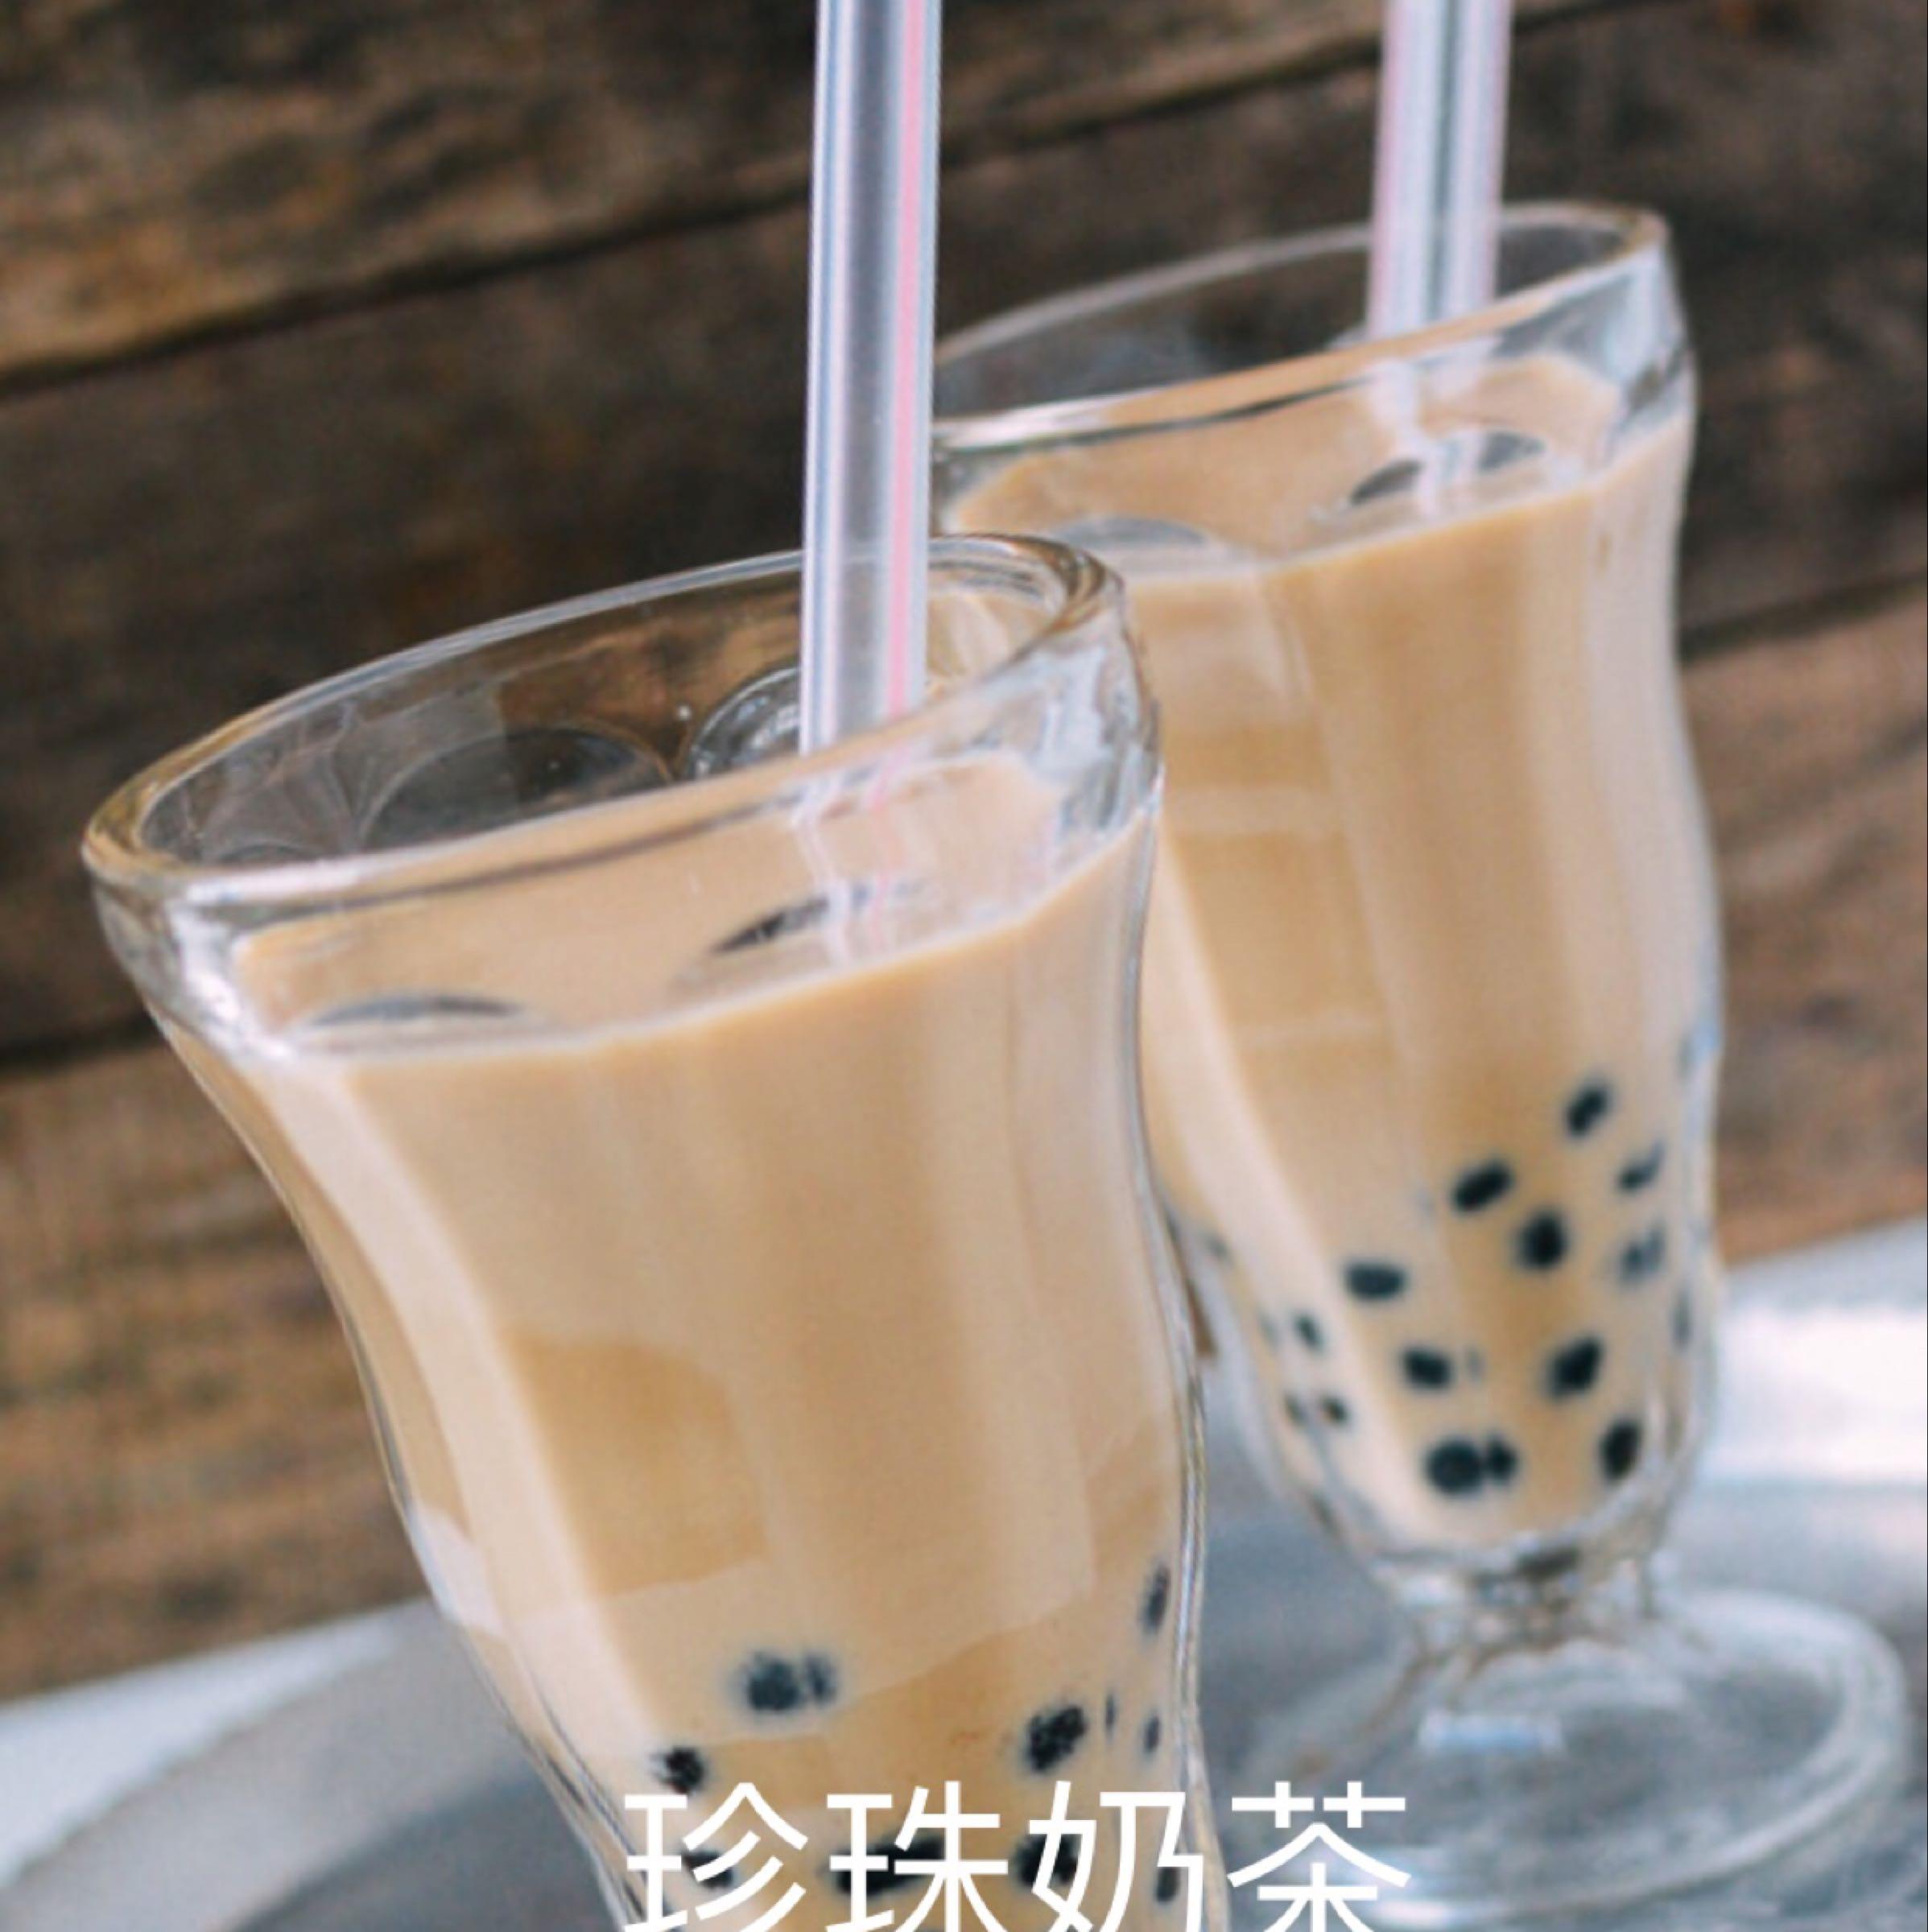 凍珍珠奶茶 Iced Milk Bubble Tea